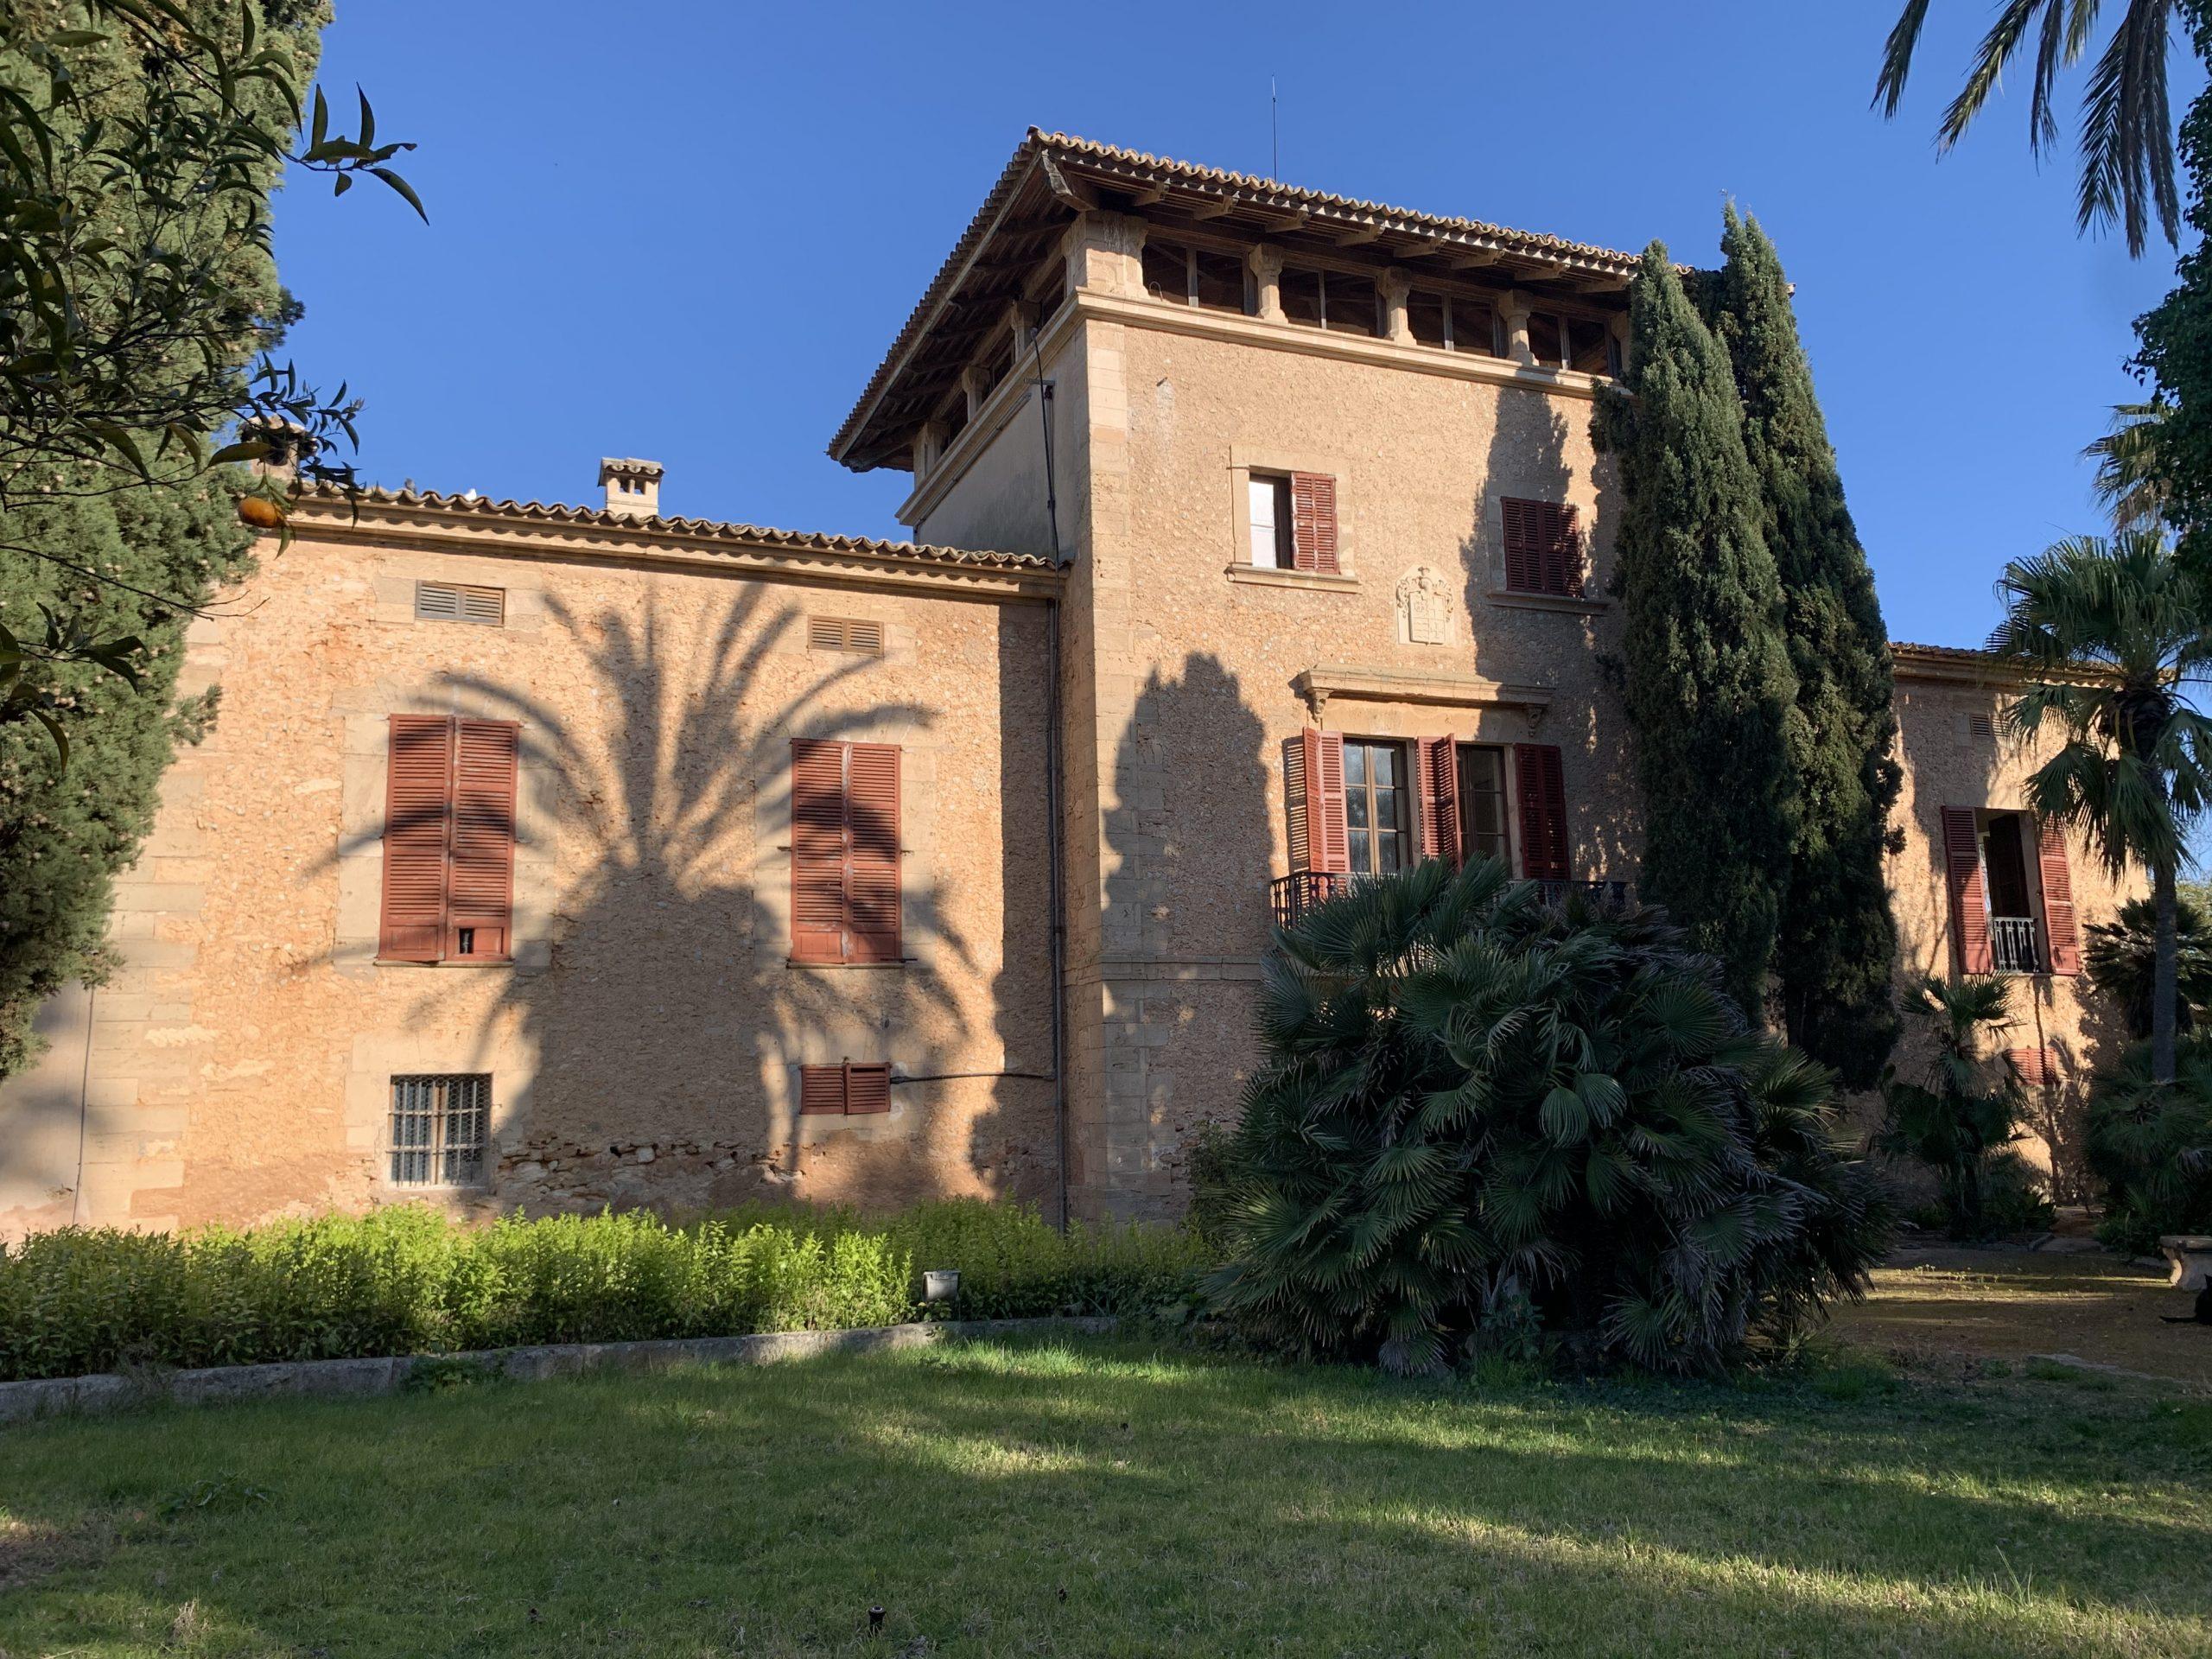 Palma: Renoviertes historisches Anwesen mit Pferdeanlage auf großem Grundstück